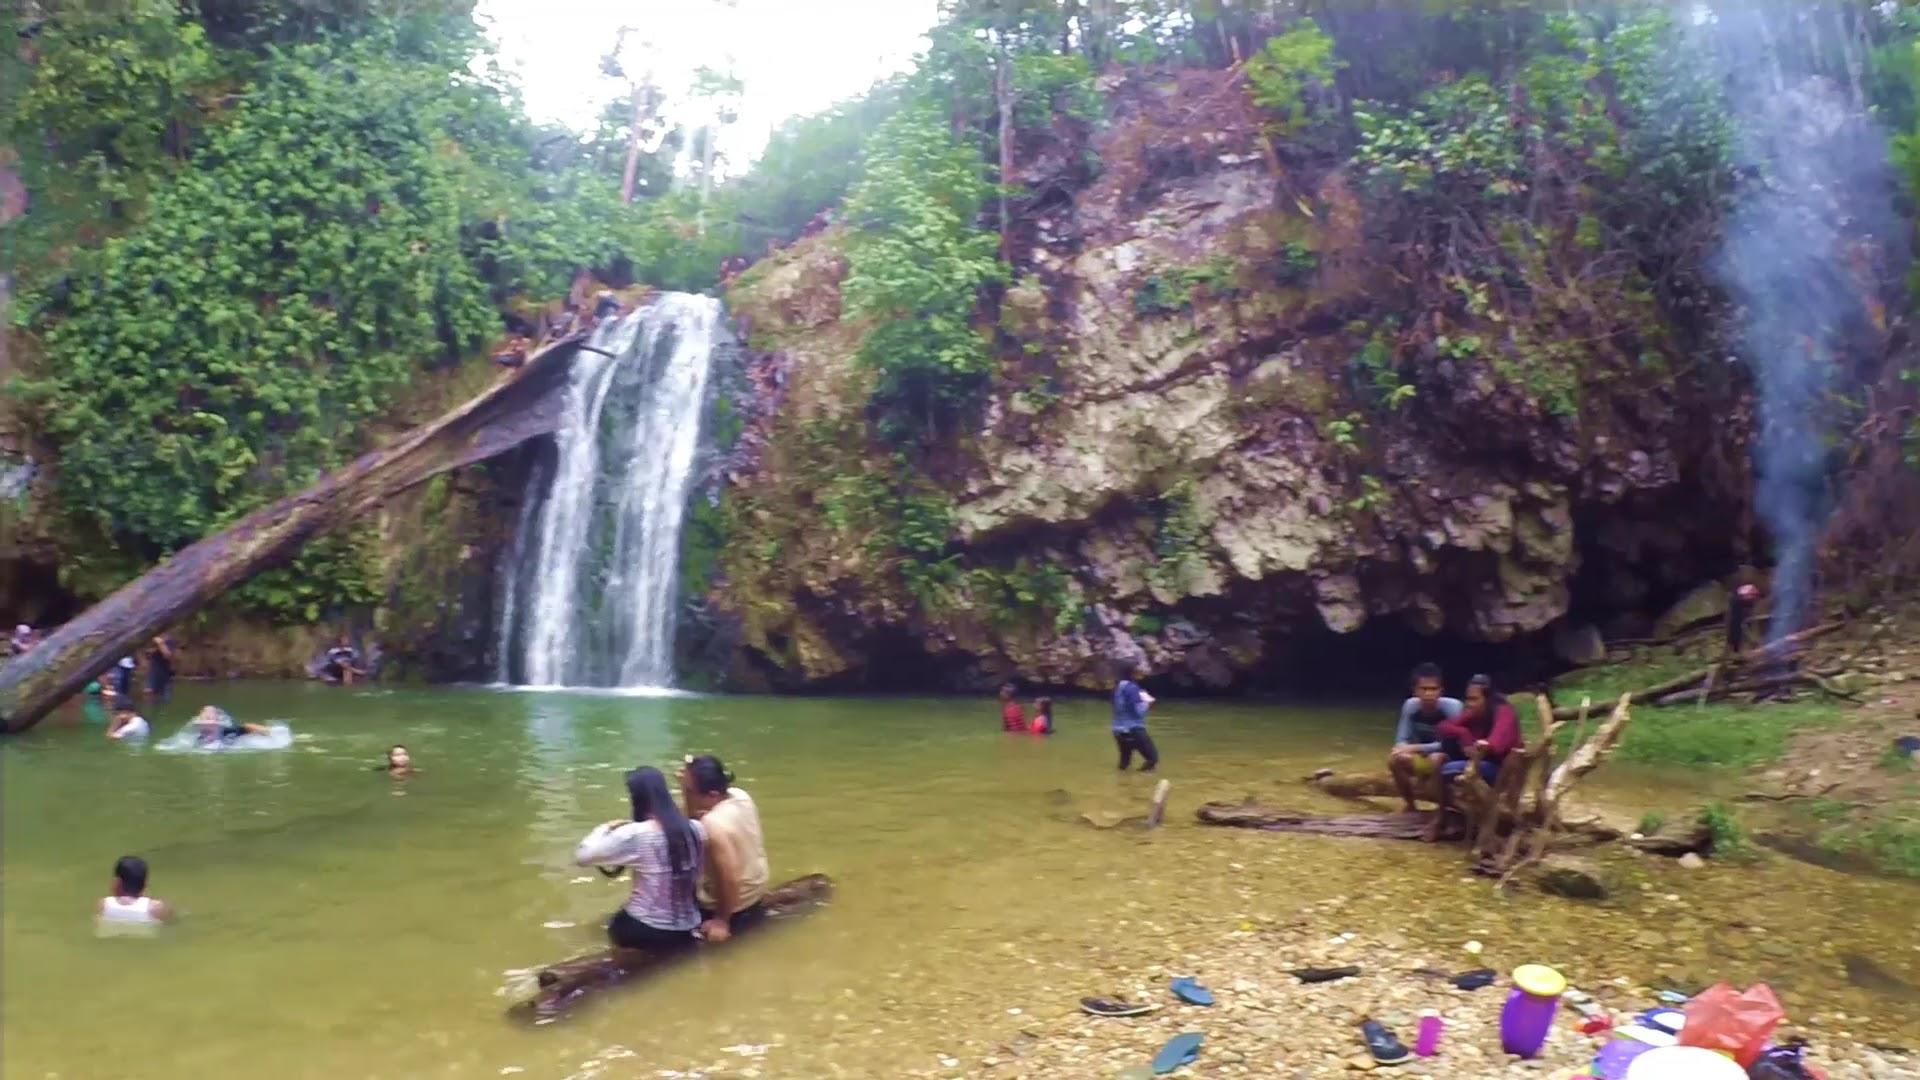 Ngetrip ke Air Terjun Dangku + Vlog